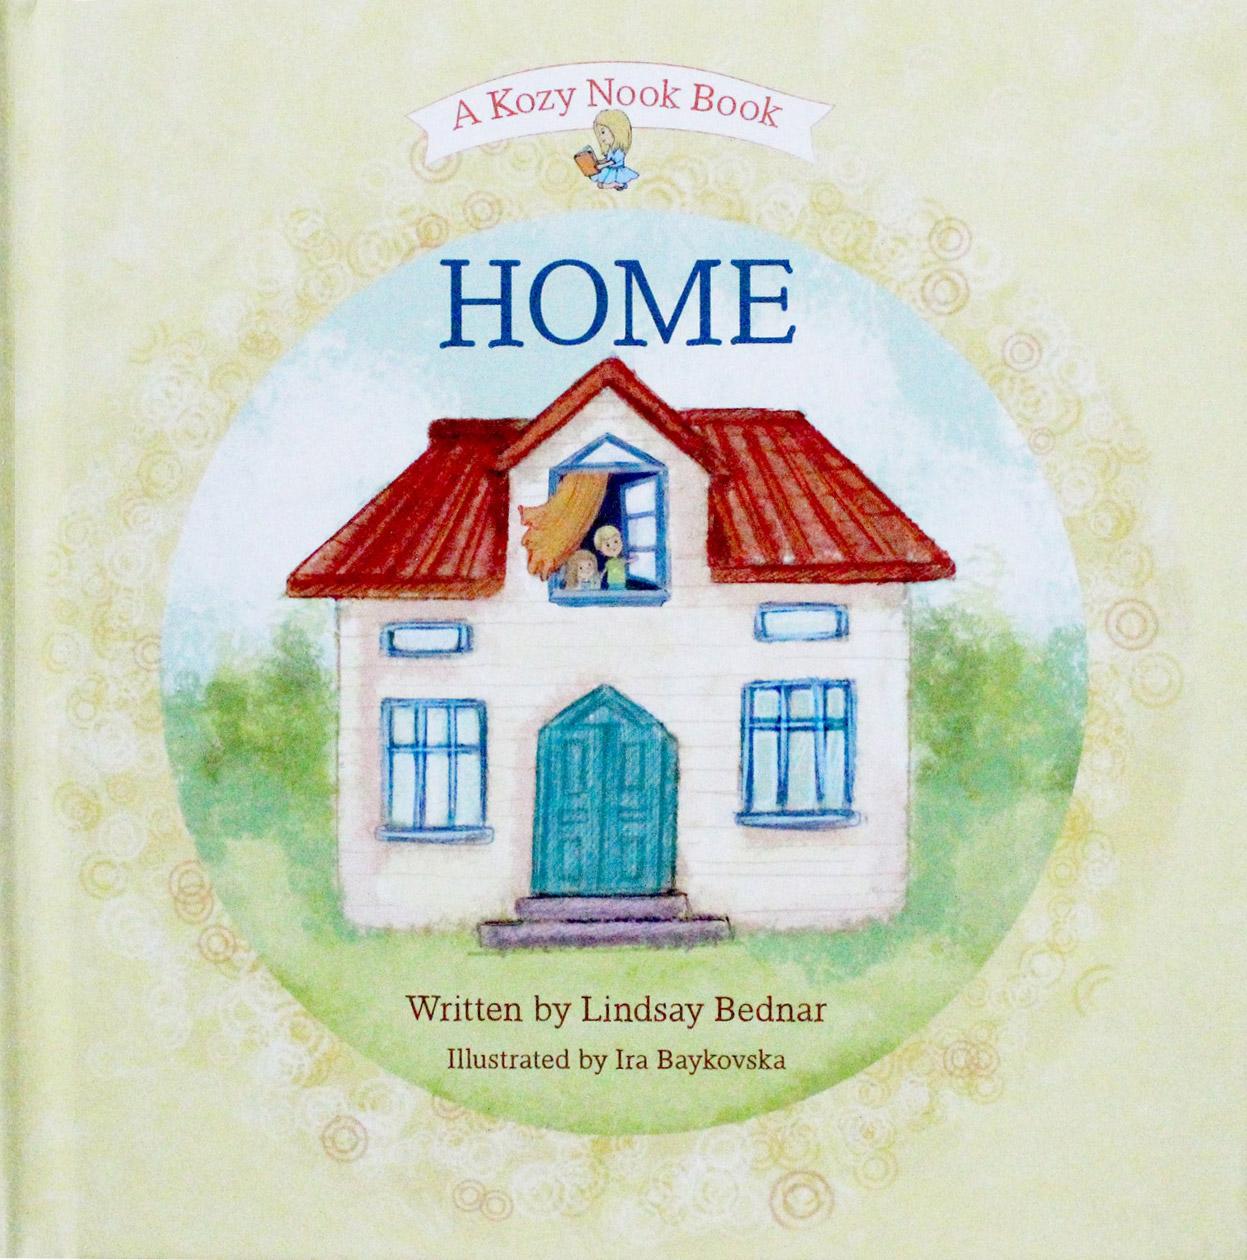 Home by Lindsay Bednar